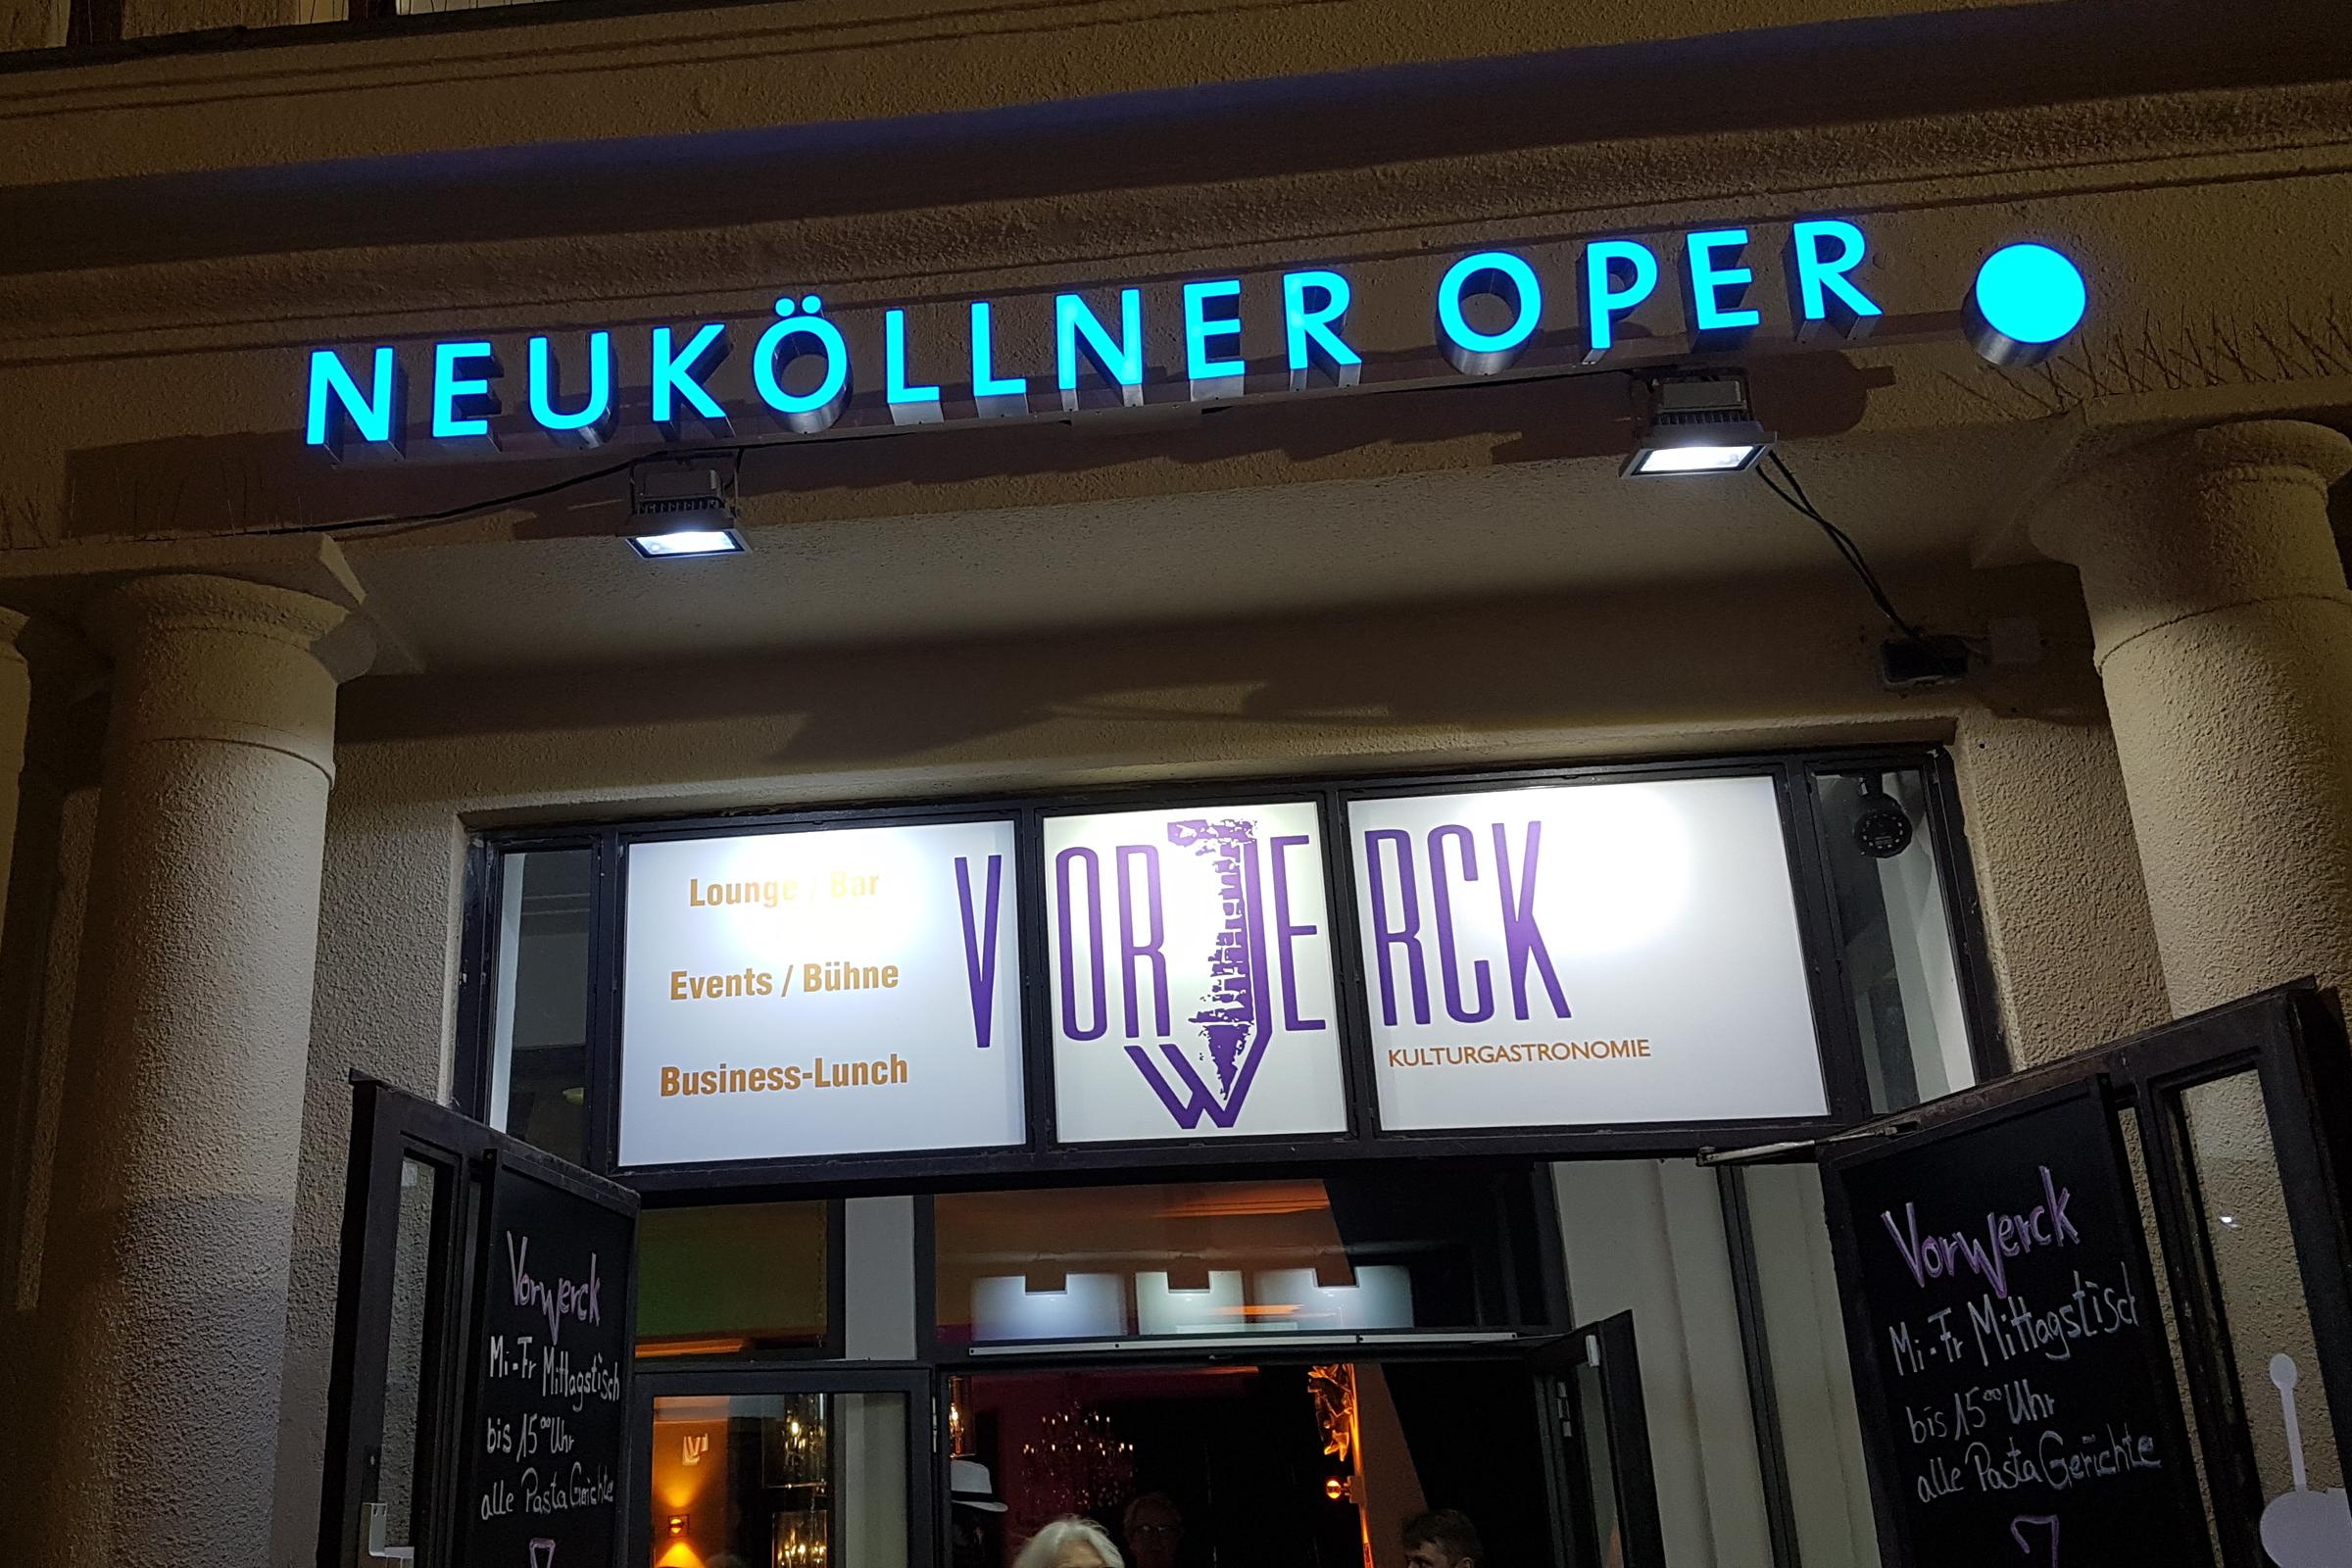 Eingang zum Restaurant Vorwerck und der Neuköllner Oper. Foto: Ulrich Horb